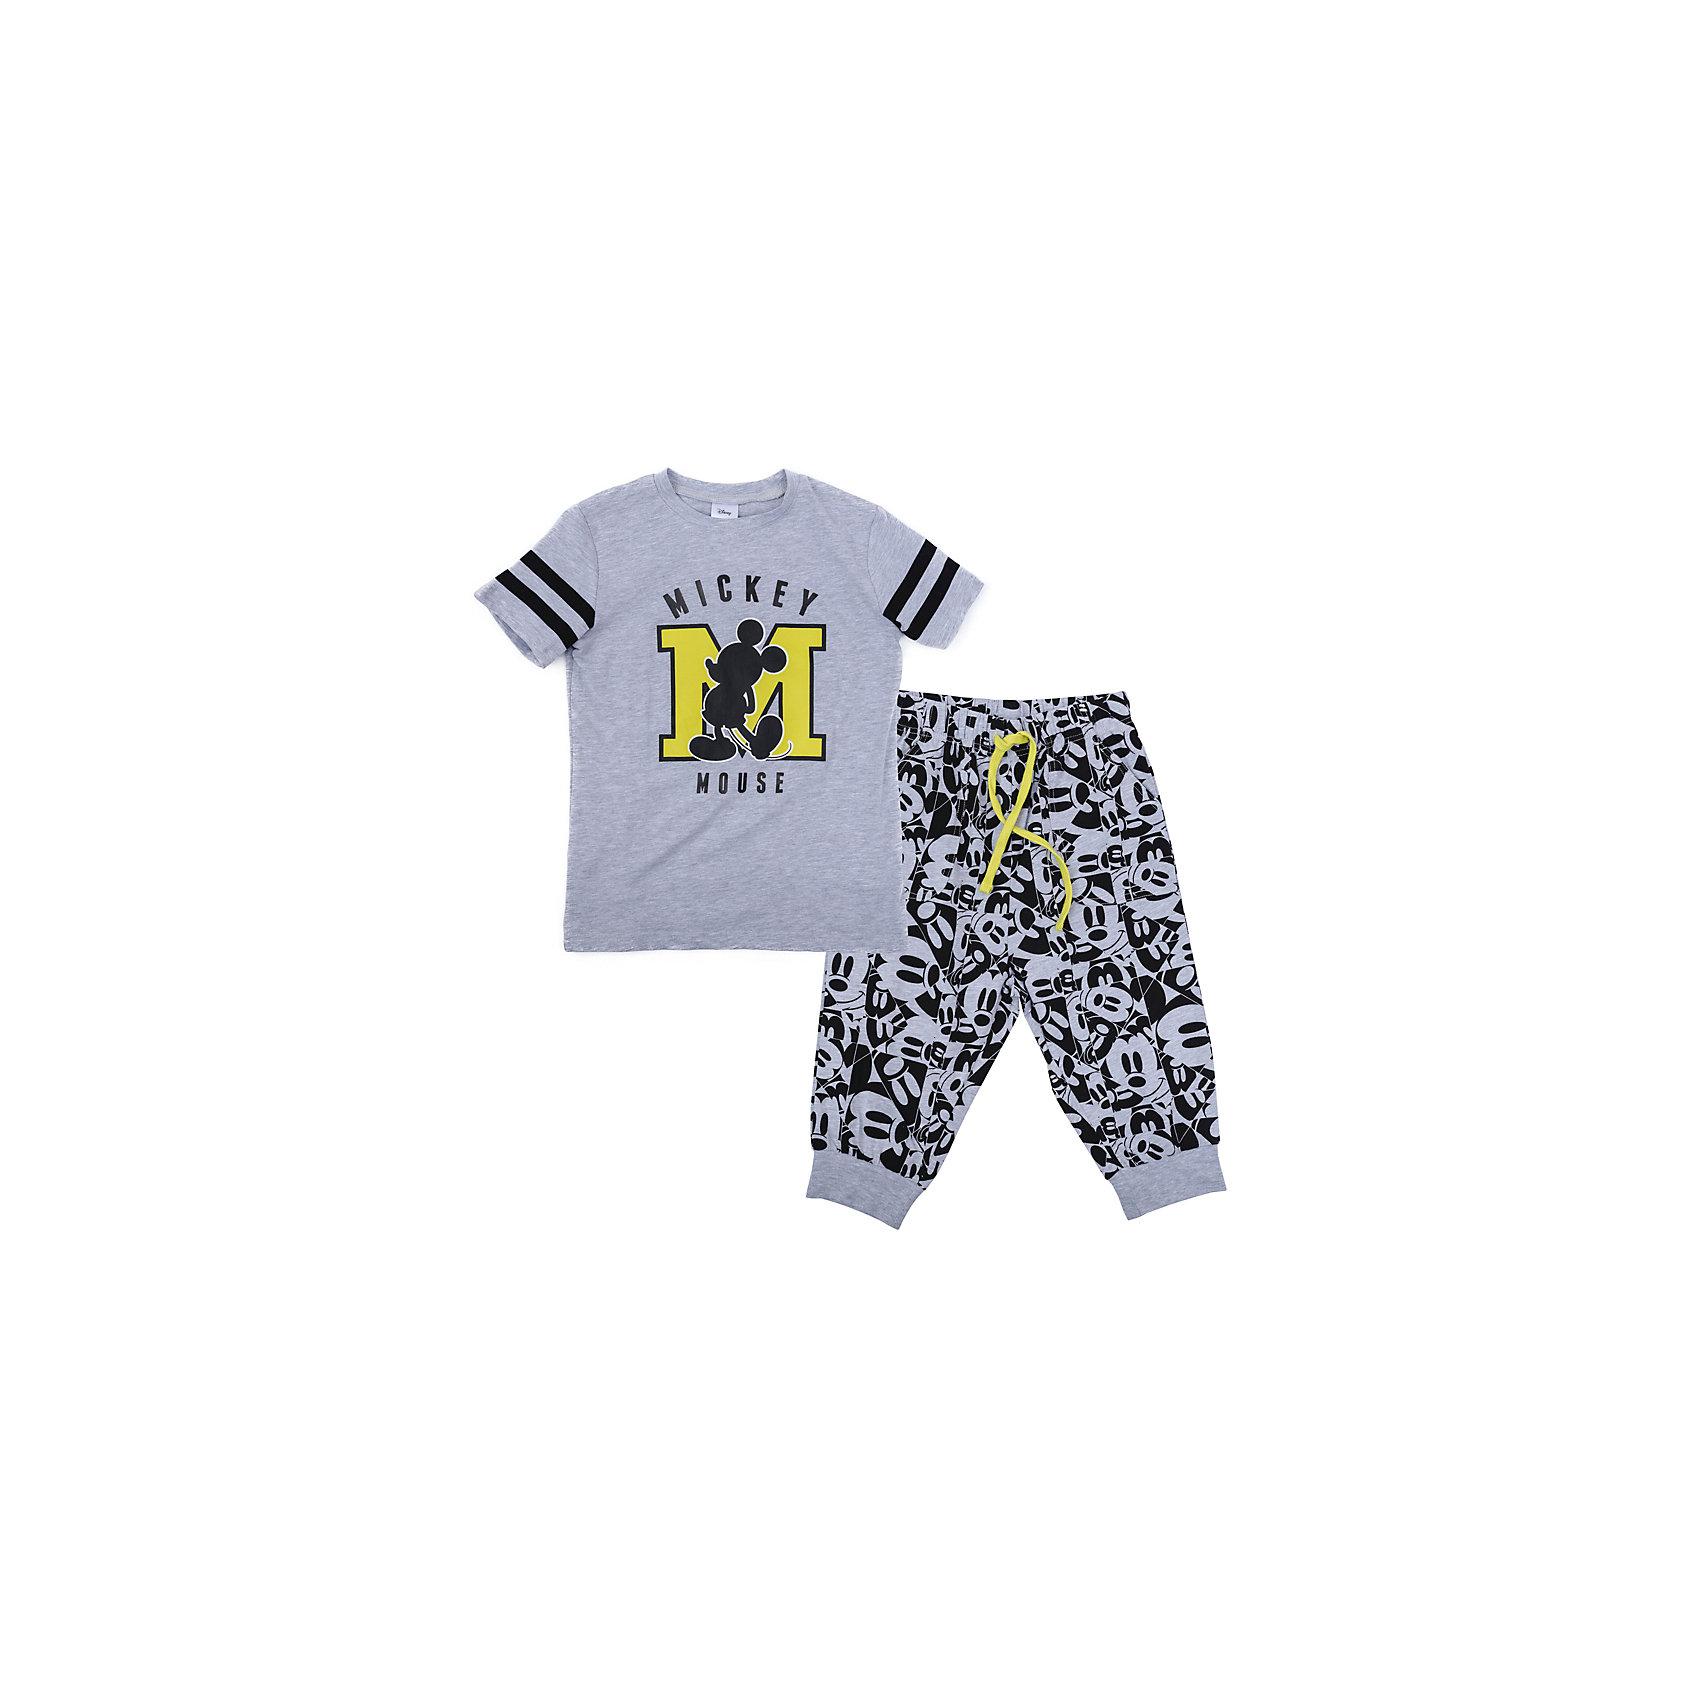 Комплект для мальчика ScoolКомплекты<br>Комплект для мальчика Scool<br>Комплект из футболки и бридж прекрасно подойдет как для домашнего использования, так и для  прогулок на свежем воздухе. Мягкий, приятный к телу материал не сковывает движений. Яркая аппликация является достойным украшением данного изделия. Модель в стиле камуфляж. Бриджи на мягкой удобной резинке с регулируемым шнуром - кулиской, низ брючин на манжетах.<br>Состав:<br>95% хлопок, 5% эластан<br><br>Ширина мм: 215<br>Глубина мм: 88<br>Высота мм: 191<br>Вес г: 336<br>Цвет: разноцветный<br>Возраст от месяцев: 156<br>Возраст до месяцев: 168<br>Пол: Мужской<br>Возраст: Детский<br>Размер: 134,140,146,164,152,158<br>SKU: 5407203